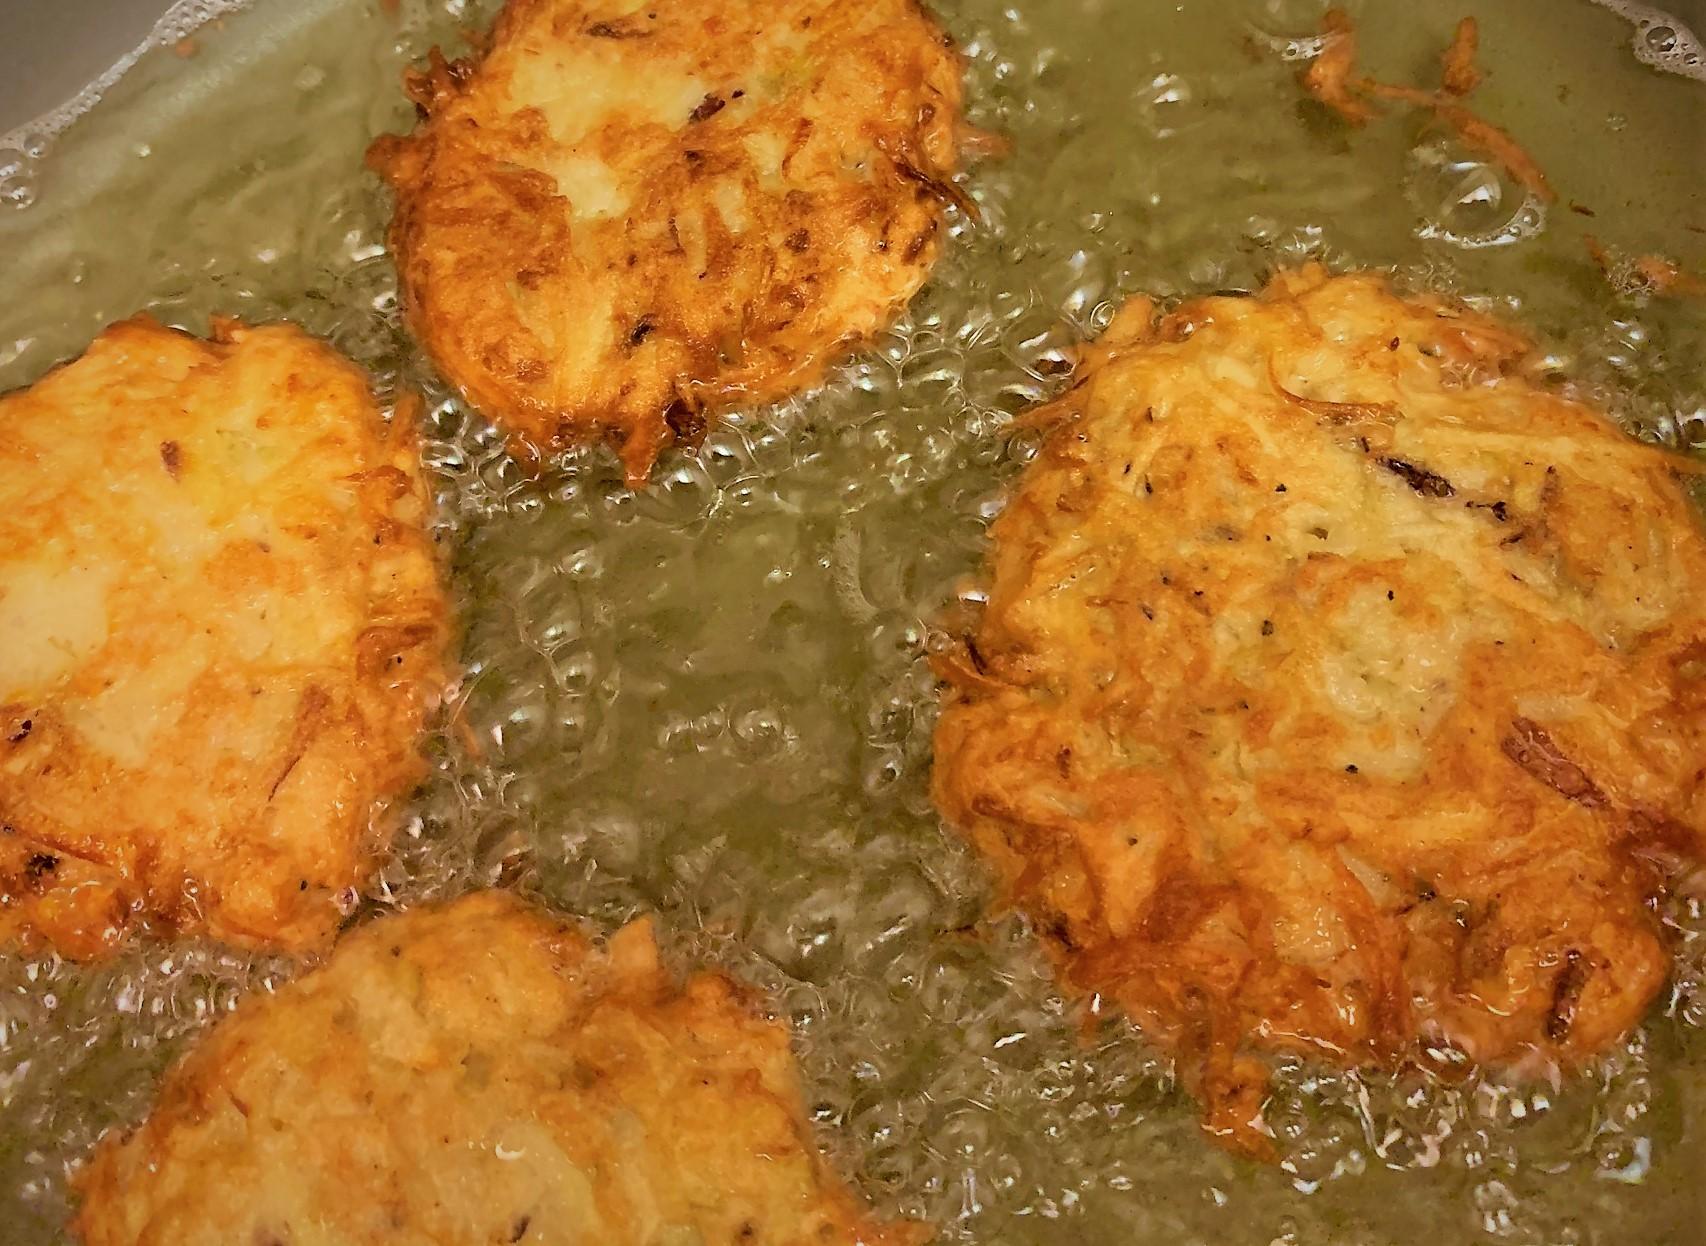 Frying the Latkes for our Smoked Salmon Potato Latkes